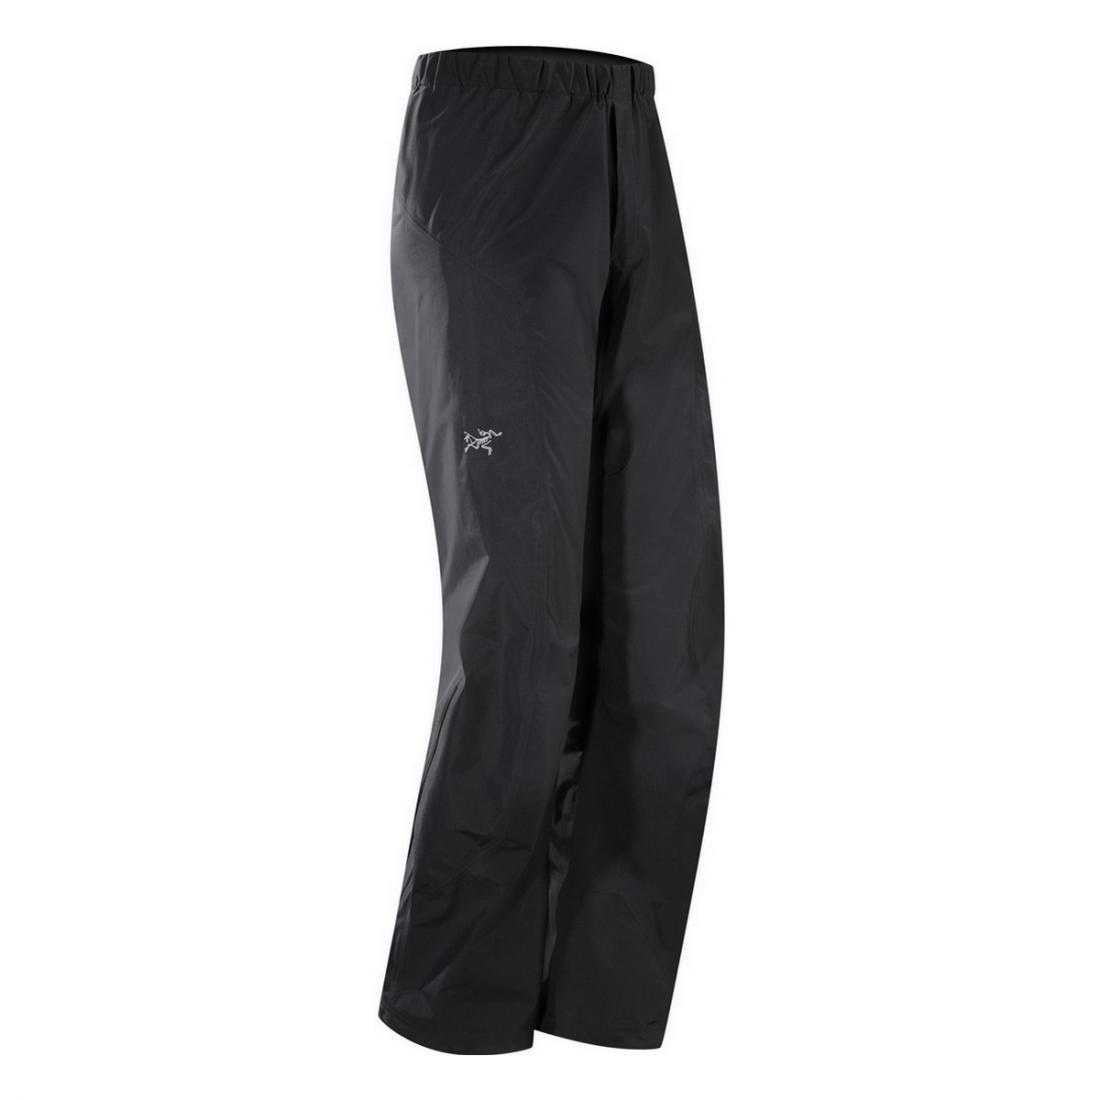 Брюки Beta SL муж.Брюки, штаны<br><br> Arcteryx Beta SL – мужские легкие брюки, которые надежно защищают от непогоды. Они предназначены для тех, кто предпочитает активный отдых на в...<br><br>Цвет: Темно-серый<br>Размер: L